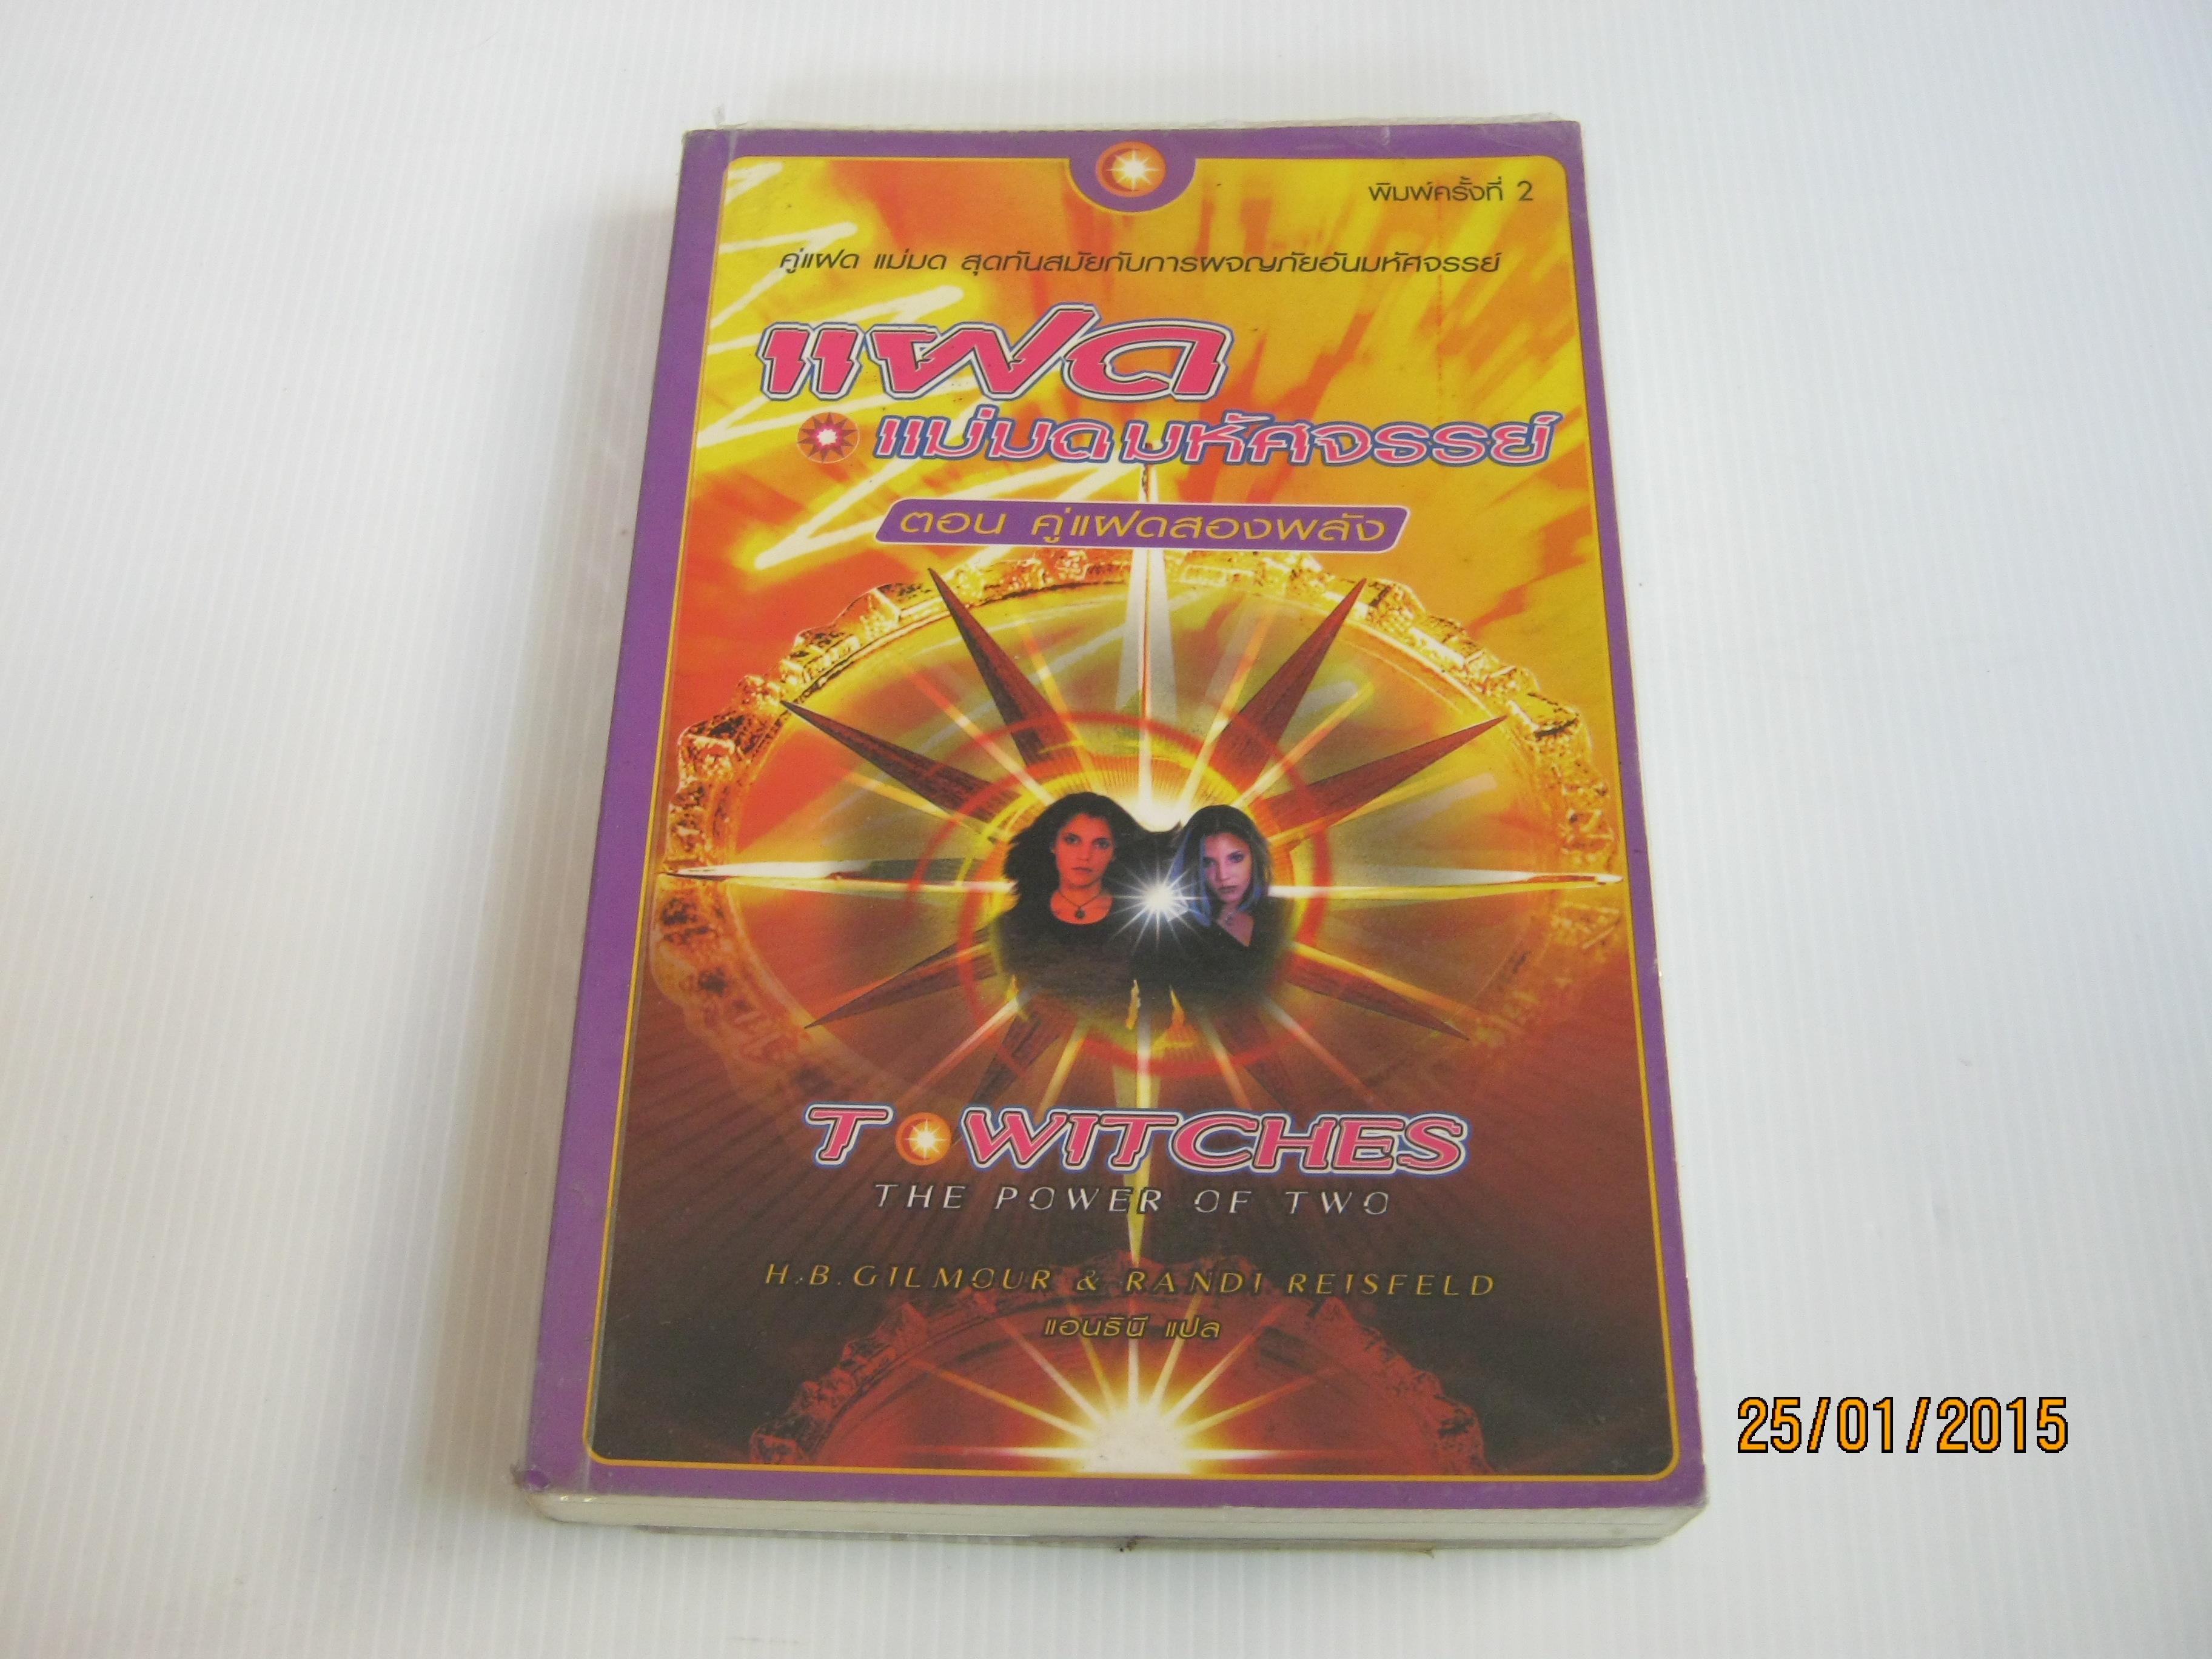 แฝดแม่มดมหัศจรรย์ เล่ม 1 ตอน คู่แฝดสองพลัง (Twitches The Power of Two) พิมพ์ครั้งที่ 2 H.B. Gilmour & Randi Reisfeld เขียน แอนธินี แปล